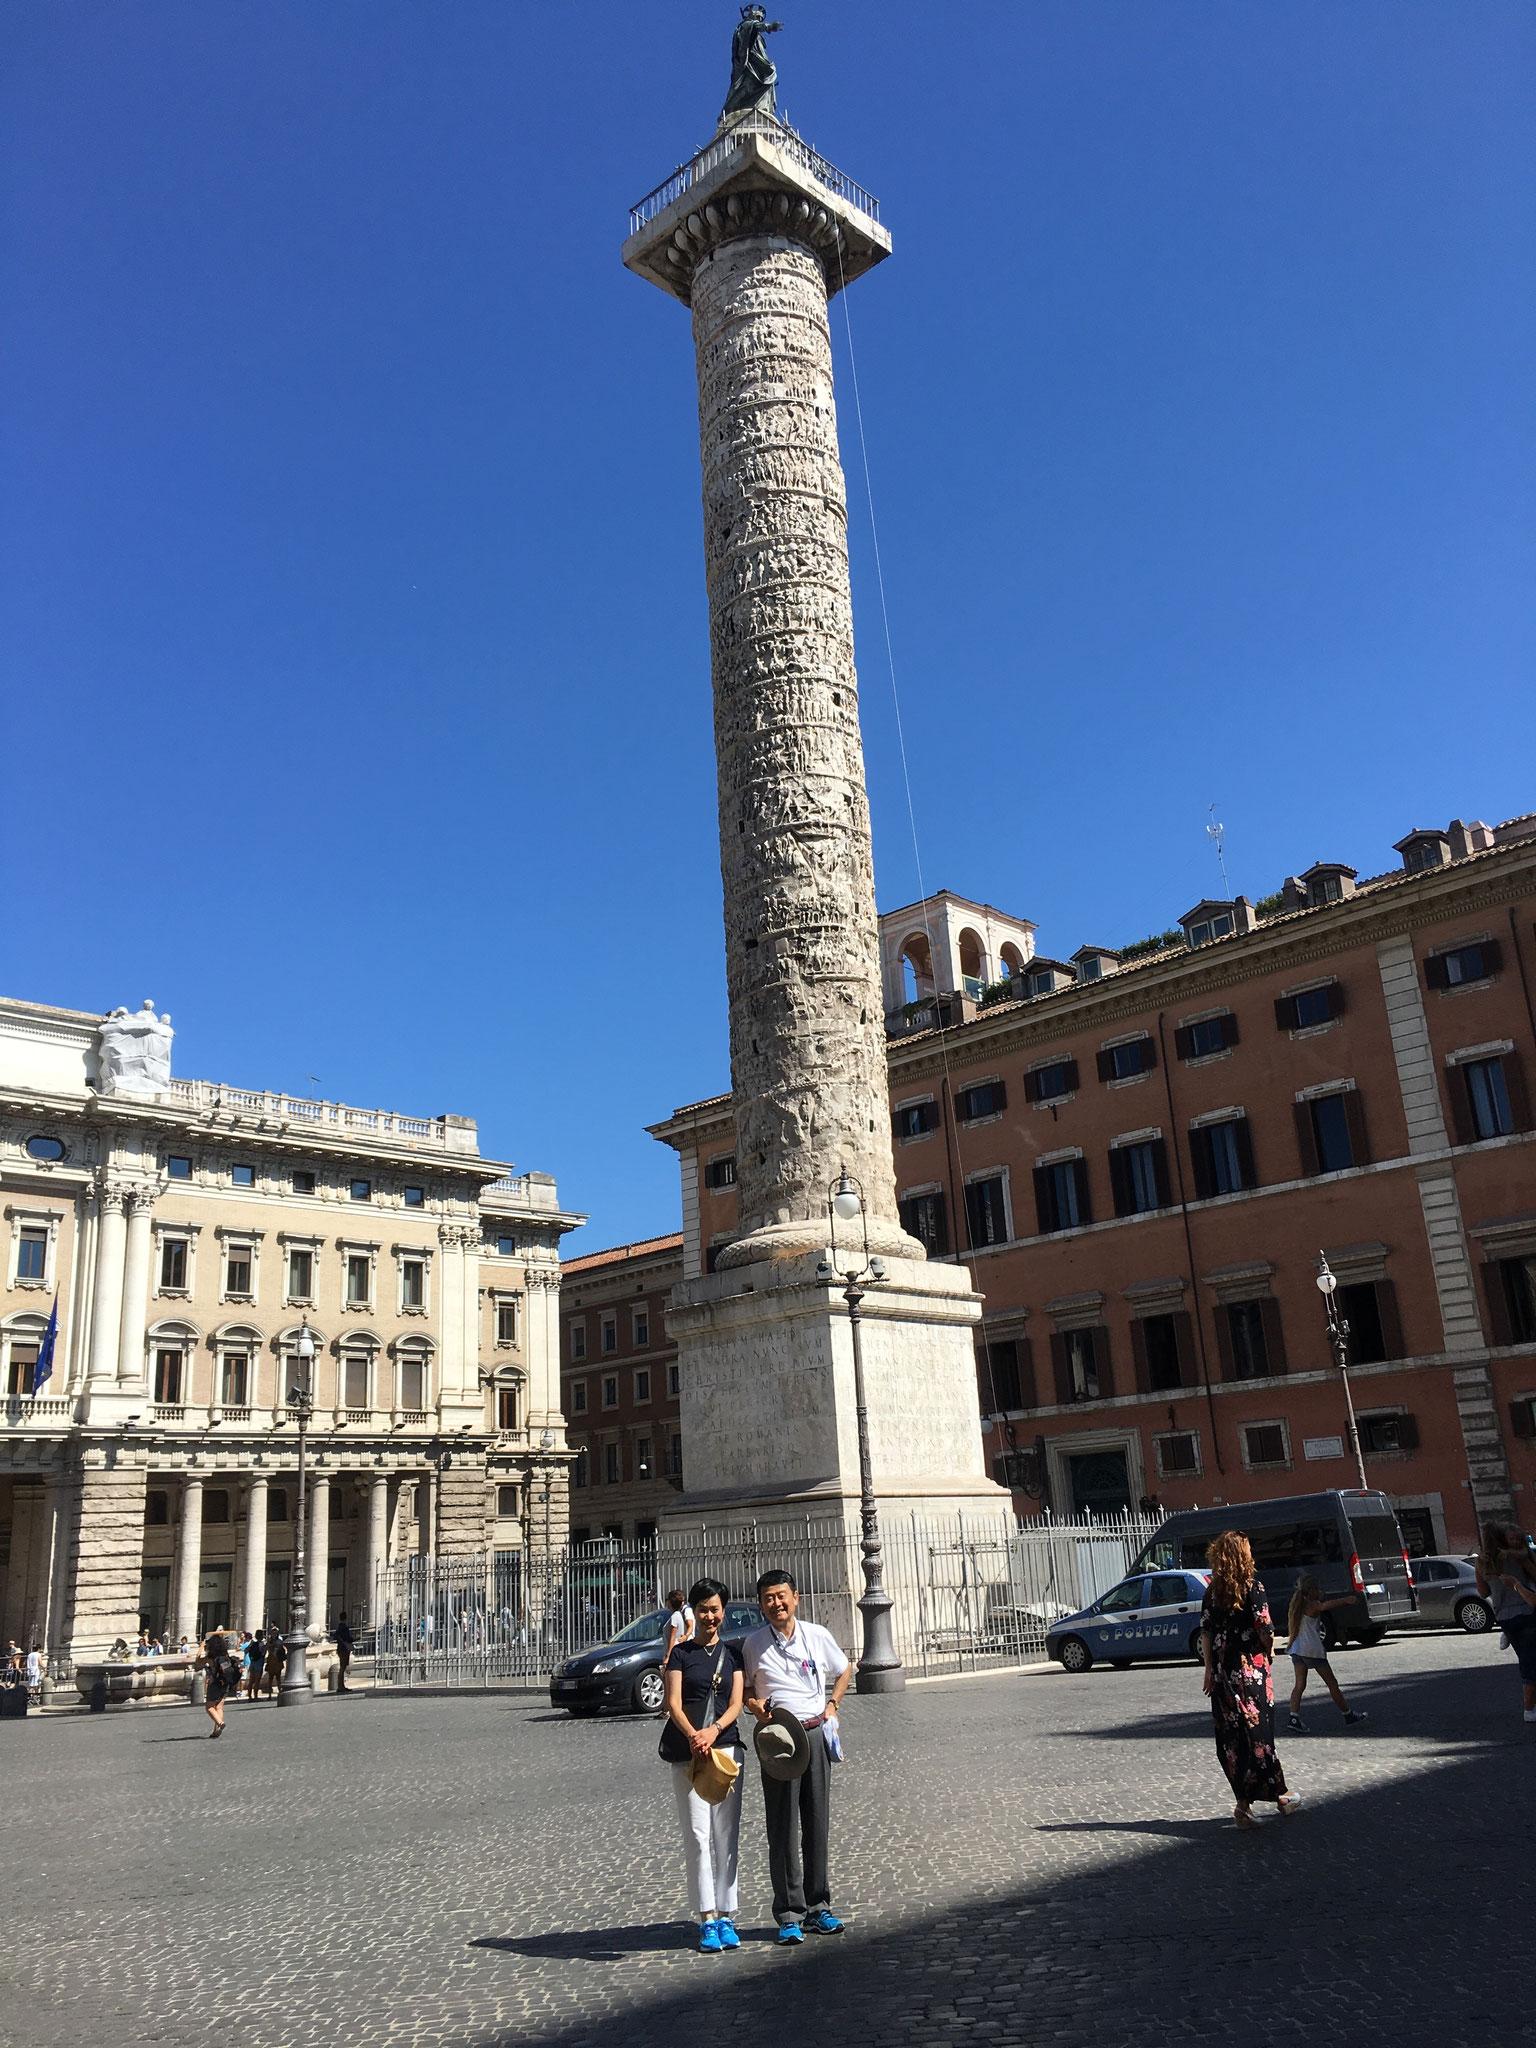 コロンナ広場のマルクス・アウレリウス帝の円柱。皇帝マルクス・アウレリウス・アントニヌスの勝利を記念して2世紀に立てられました。高さ30mの頂上には聖パウロ像。